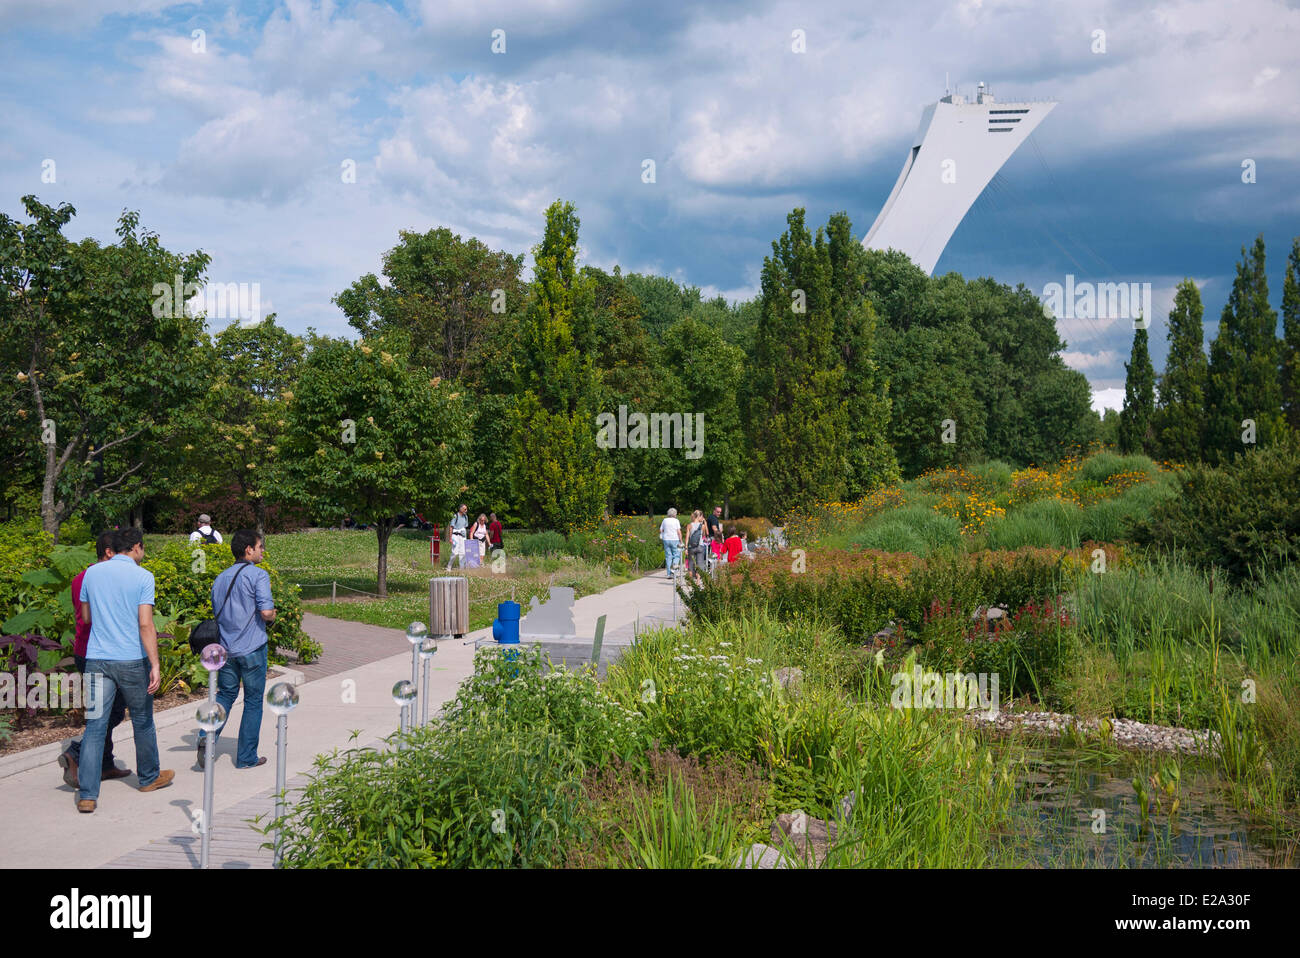 Kanada, Provinz Quebec, Montreal, botanischen Garten und auf den Hintergrund des Olympiastadions Turm Stockbild